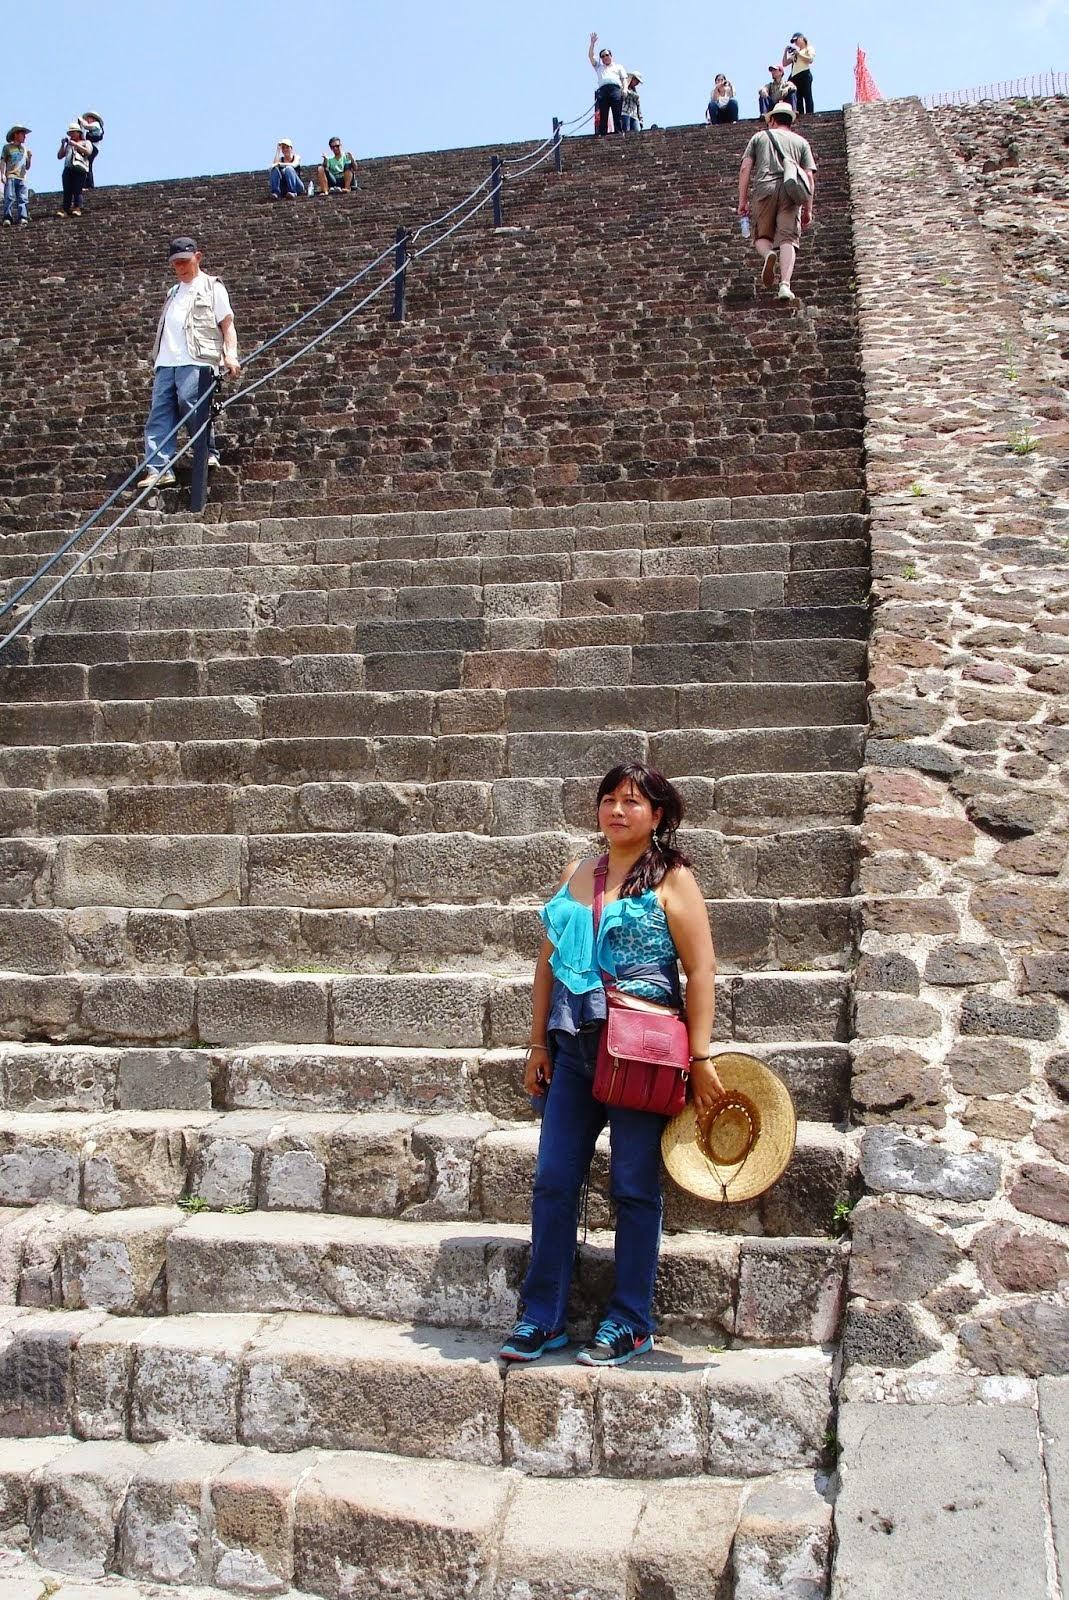 En las Pirámides de Teotihuacán, México